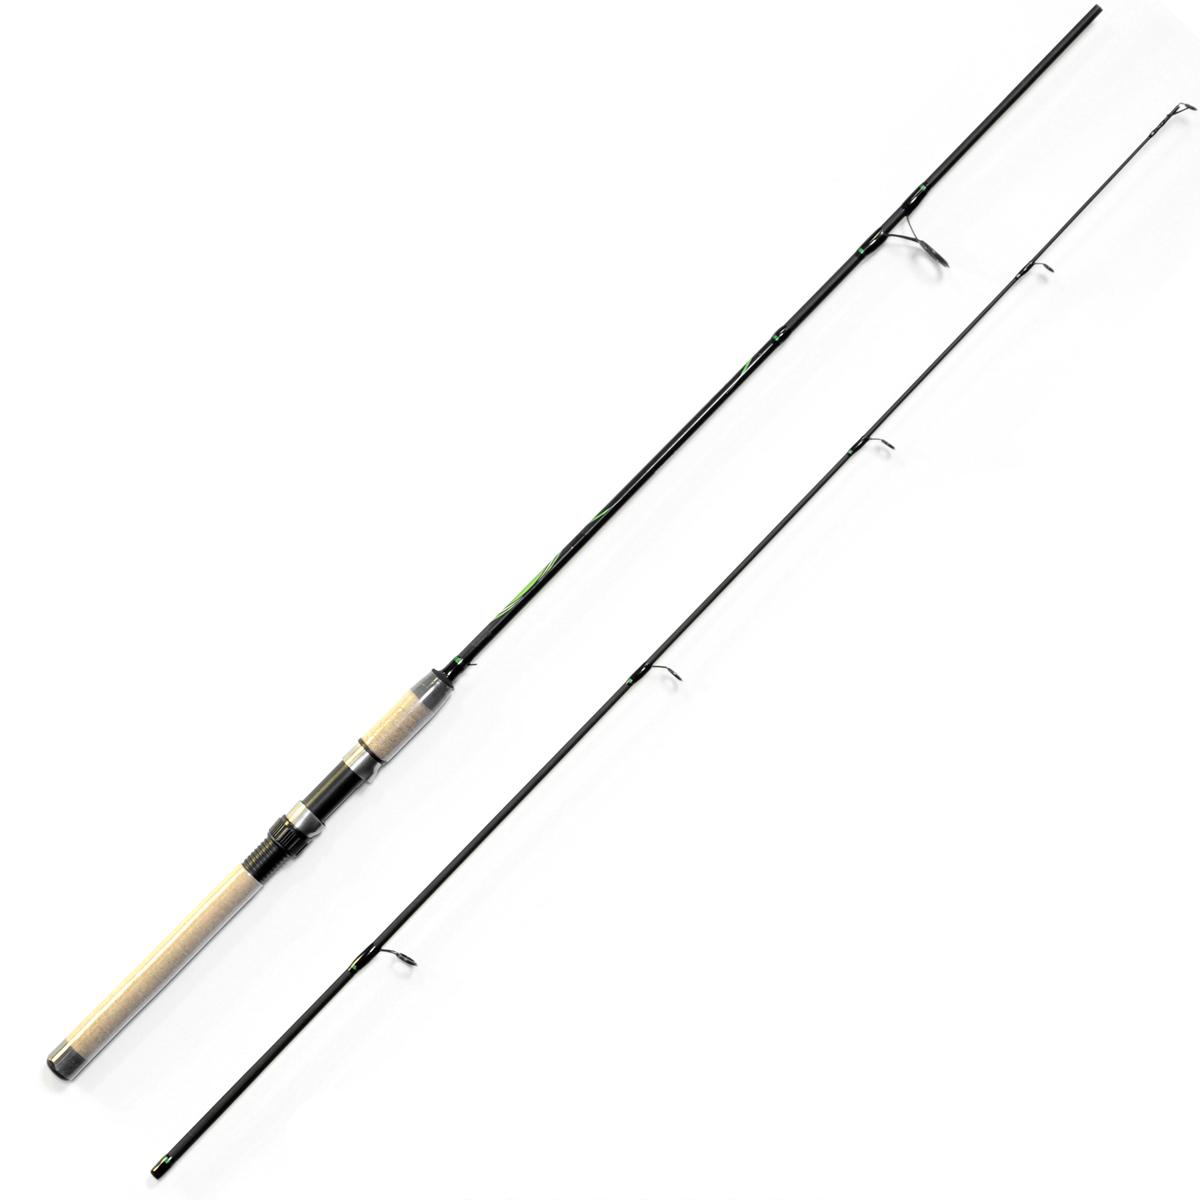 Спиннинг Salmo Sniper ULTRA SPIN 25 2.40, длина 2,4м, 5-25г06/5/07Универсальный спиннинг среднего строя из композита. Бланк имеет классическую расстановку колец со вставками SIC на одной ножке крепления, а самое большое – на двух, стык колен спиннинга произведен по типу OVER STEEK. Ручка имеет классический катушкодержатель с нижней гайкой крепления и пластиковый наконечник на торце.- Материал бланка удилища – композит- Строй бланка средний- Класс спиннинга M- Конструкция штекерная- Соединение колен типа OVER STEEK- Кольца пропускные:– усиленные– со вставками SIC– с расстановкой по классической концепции- Рукоятка: пробковая- Катушкодержатель:– винтового типа- Проволочная петля для закрепления приманок